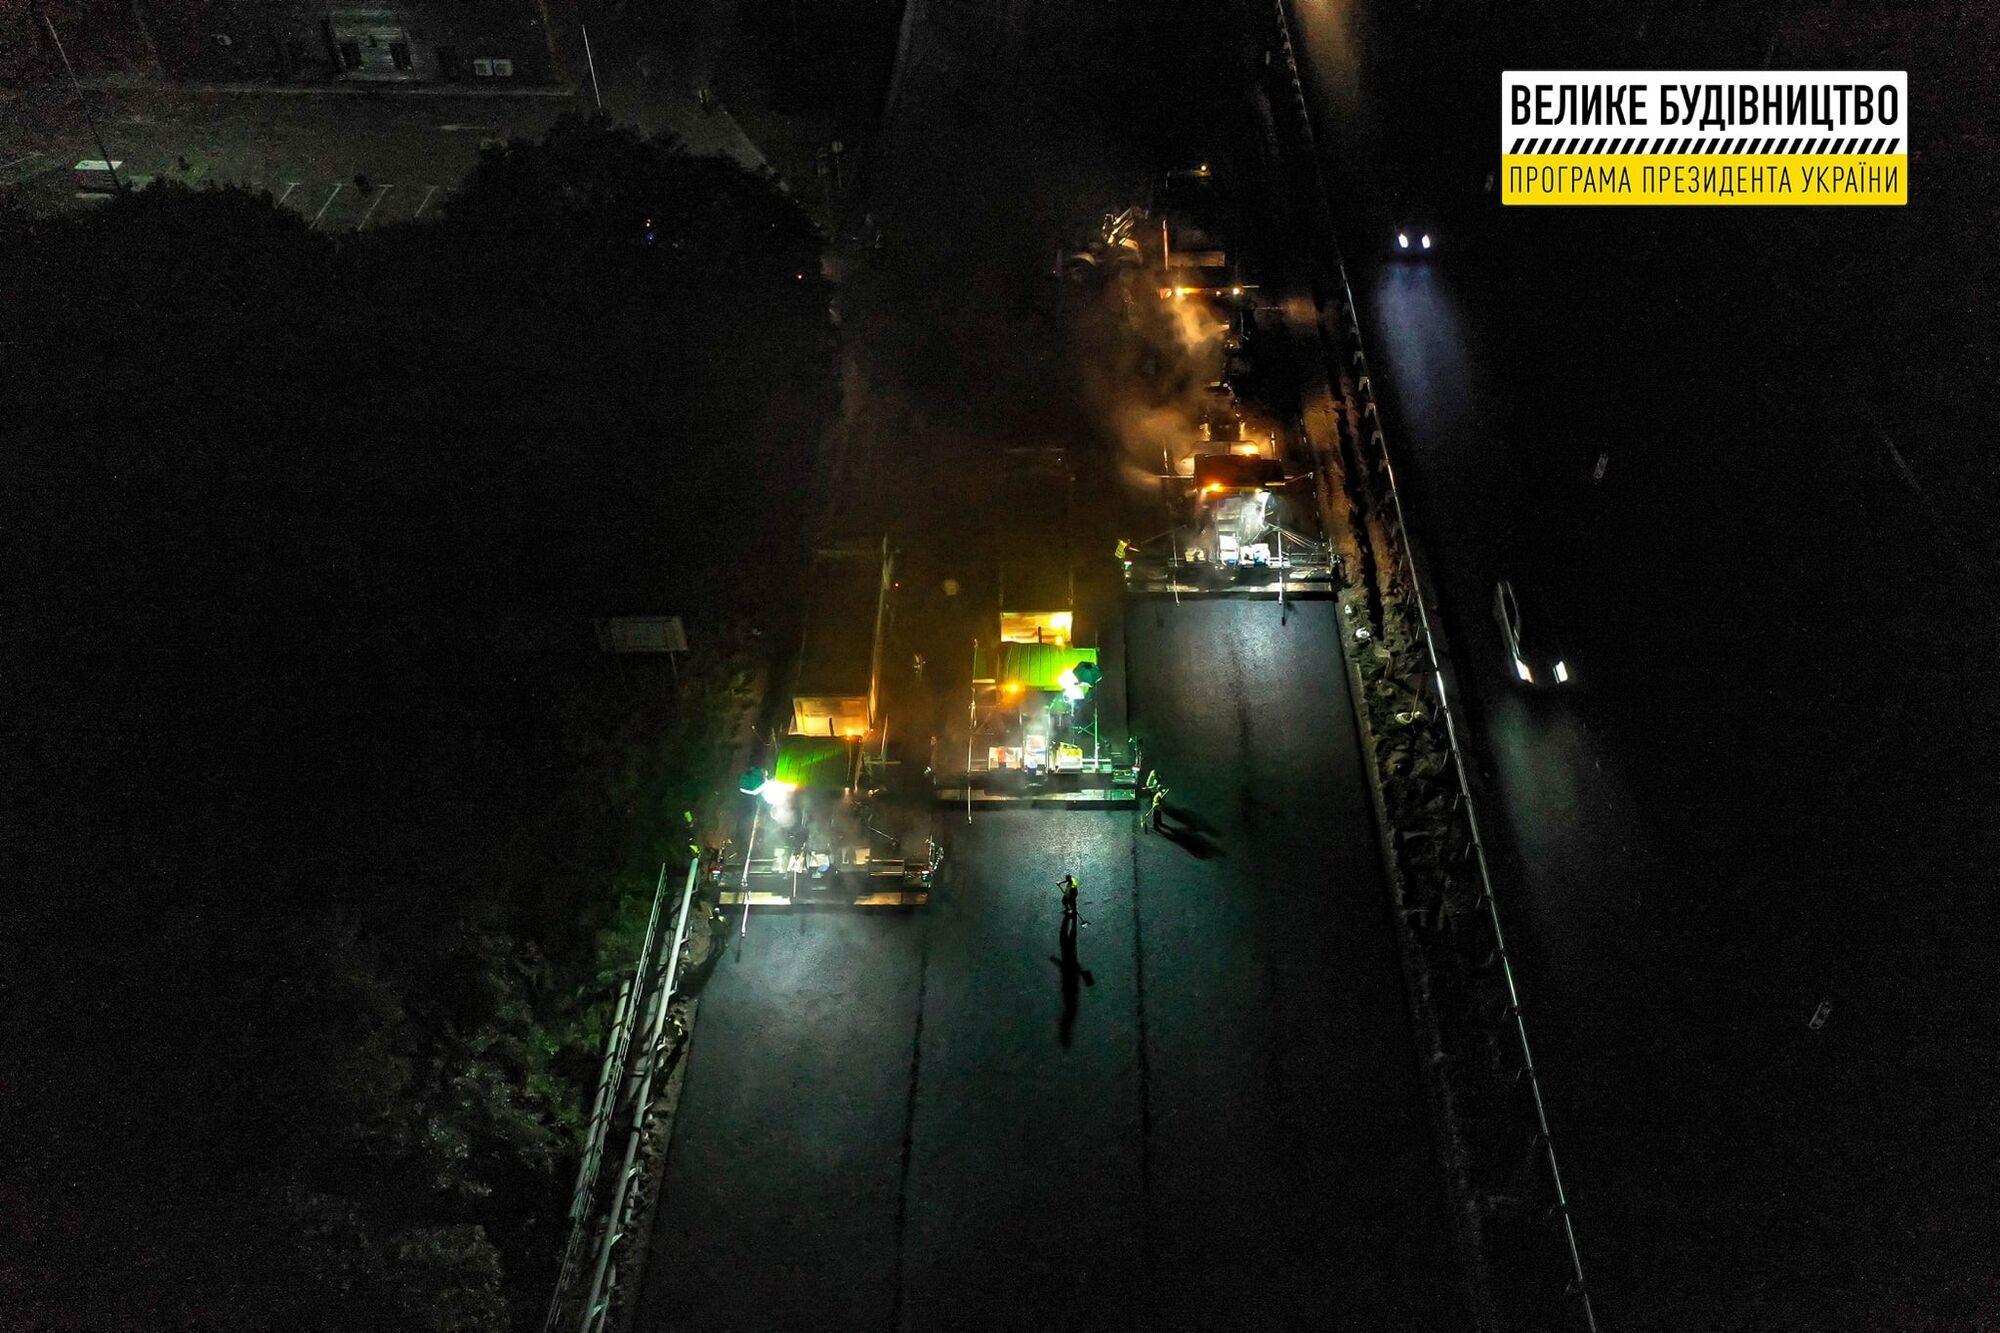 Обновление трассы Киев-Борисполь ведется в круглосуточном режиме